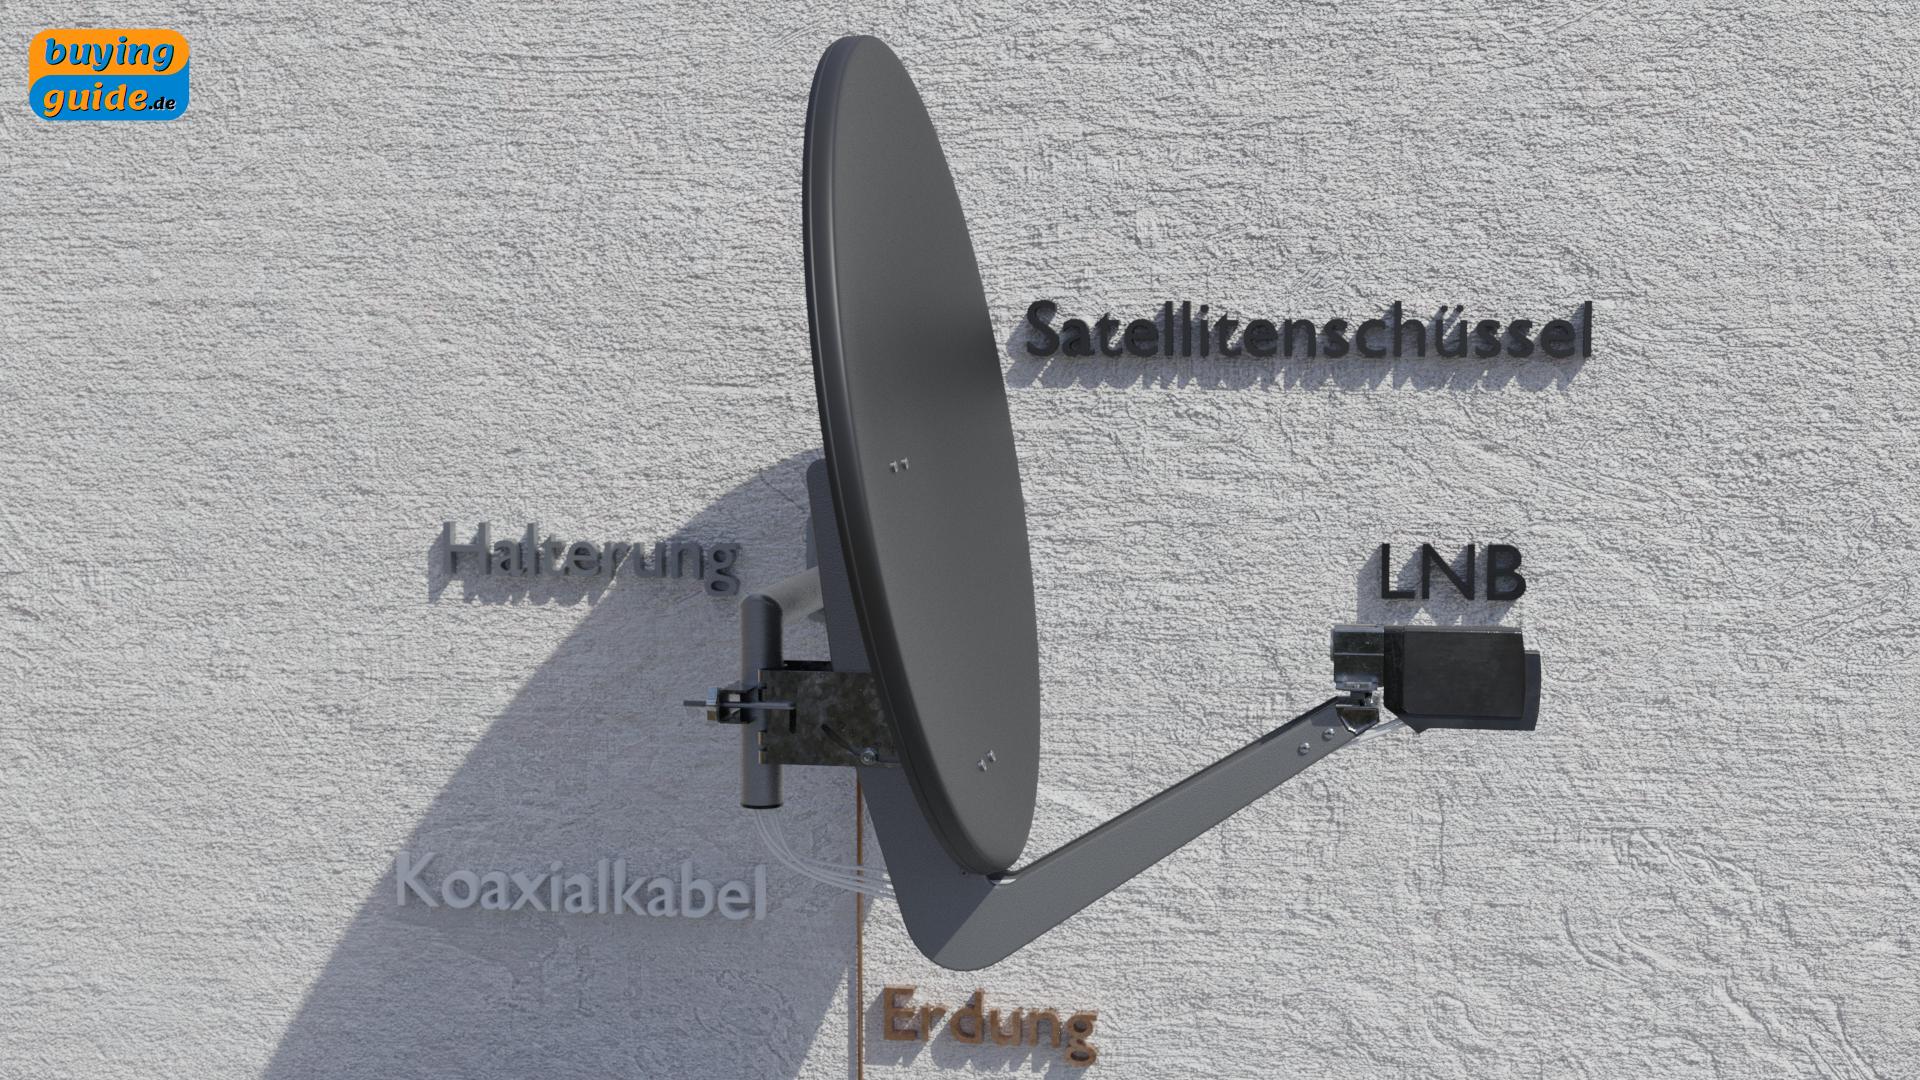 Satellitenschüssel, LNB, Halterung, Koaxial-Kabel, Erdrung